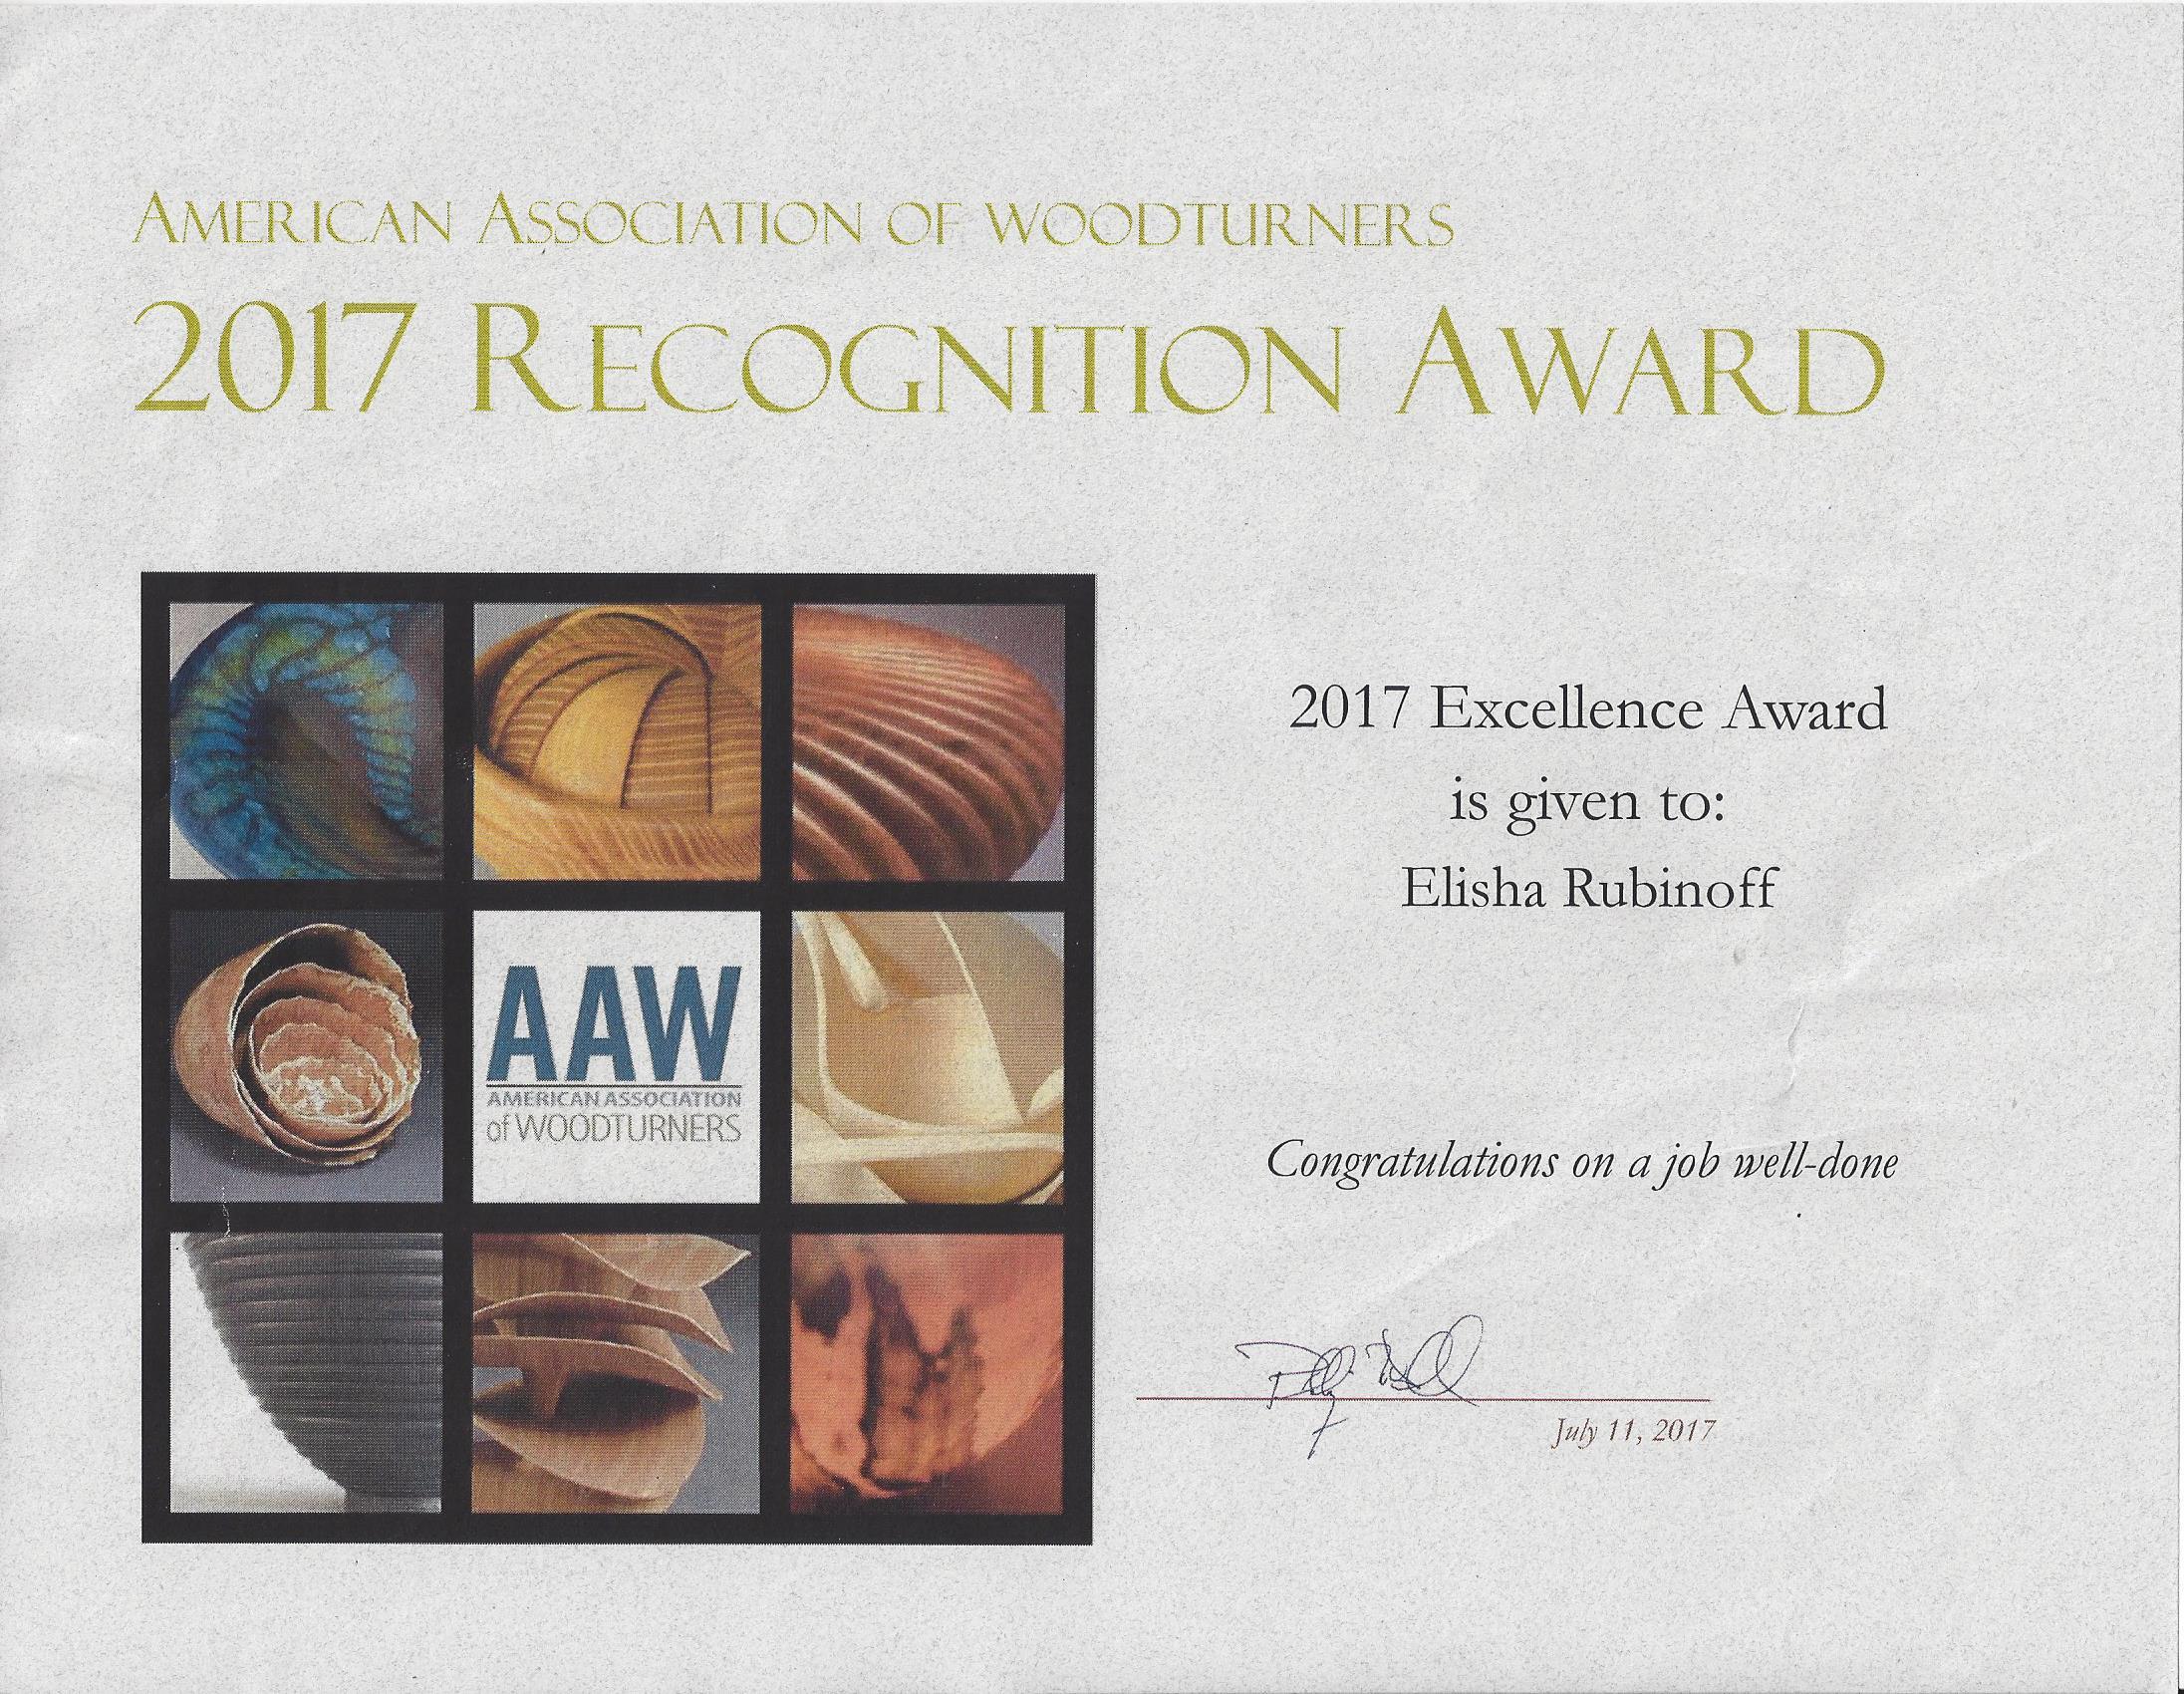 כנס של אגודת החרטים האמריקאית AAW